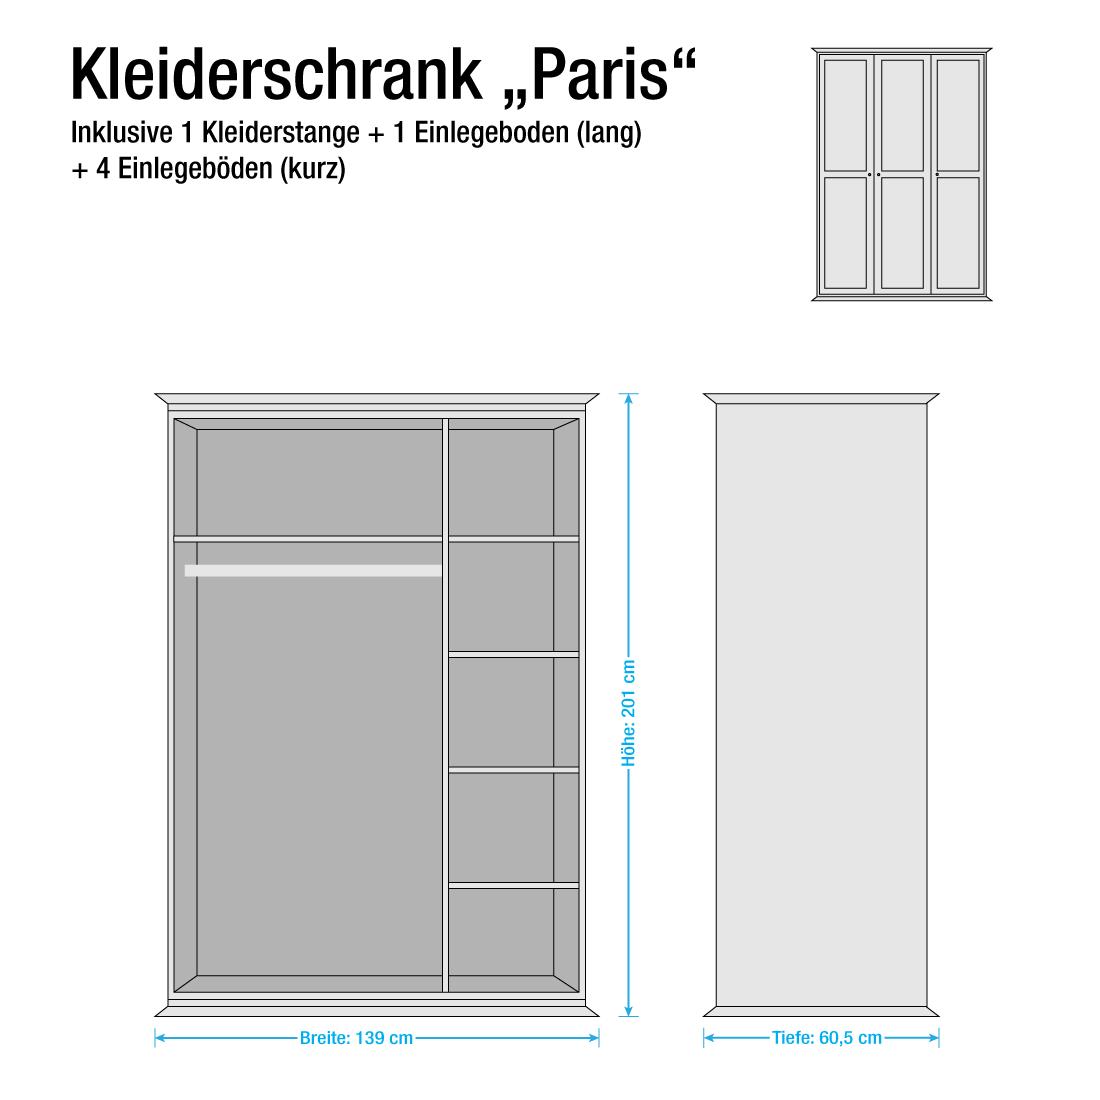 kleiderschrank tiefe standard kleiderschr nke mit schiebet ren kleiderschrank massivholz. Black Bedroom Furniture Sets. Home Design Ideas